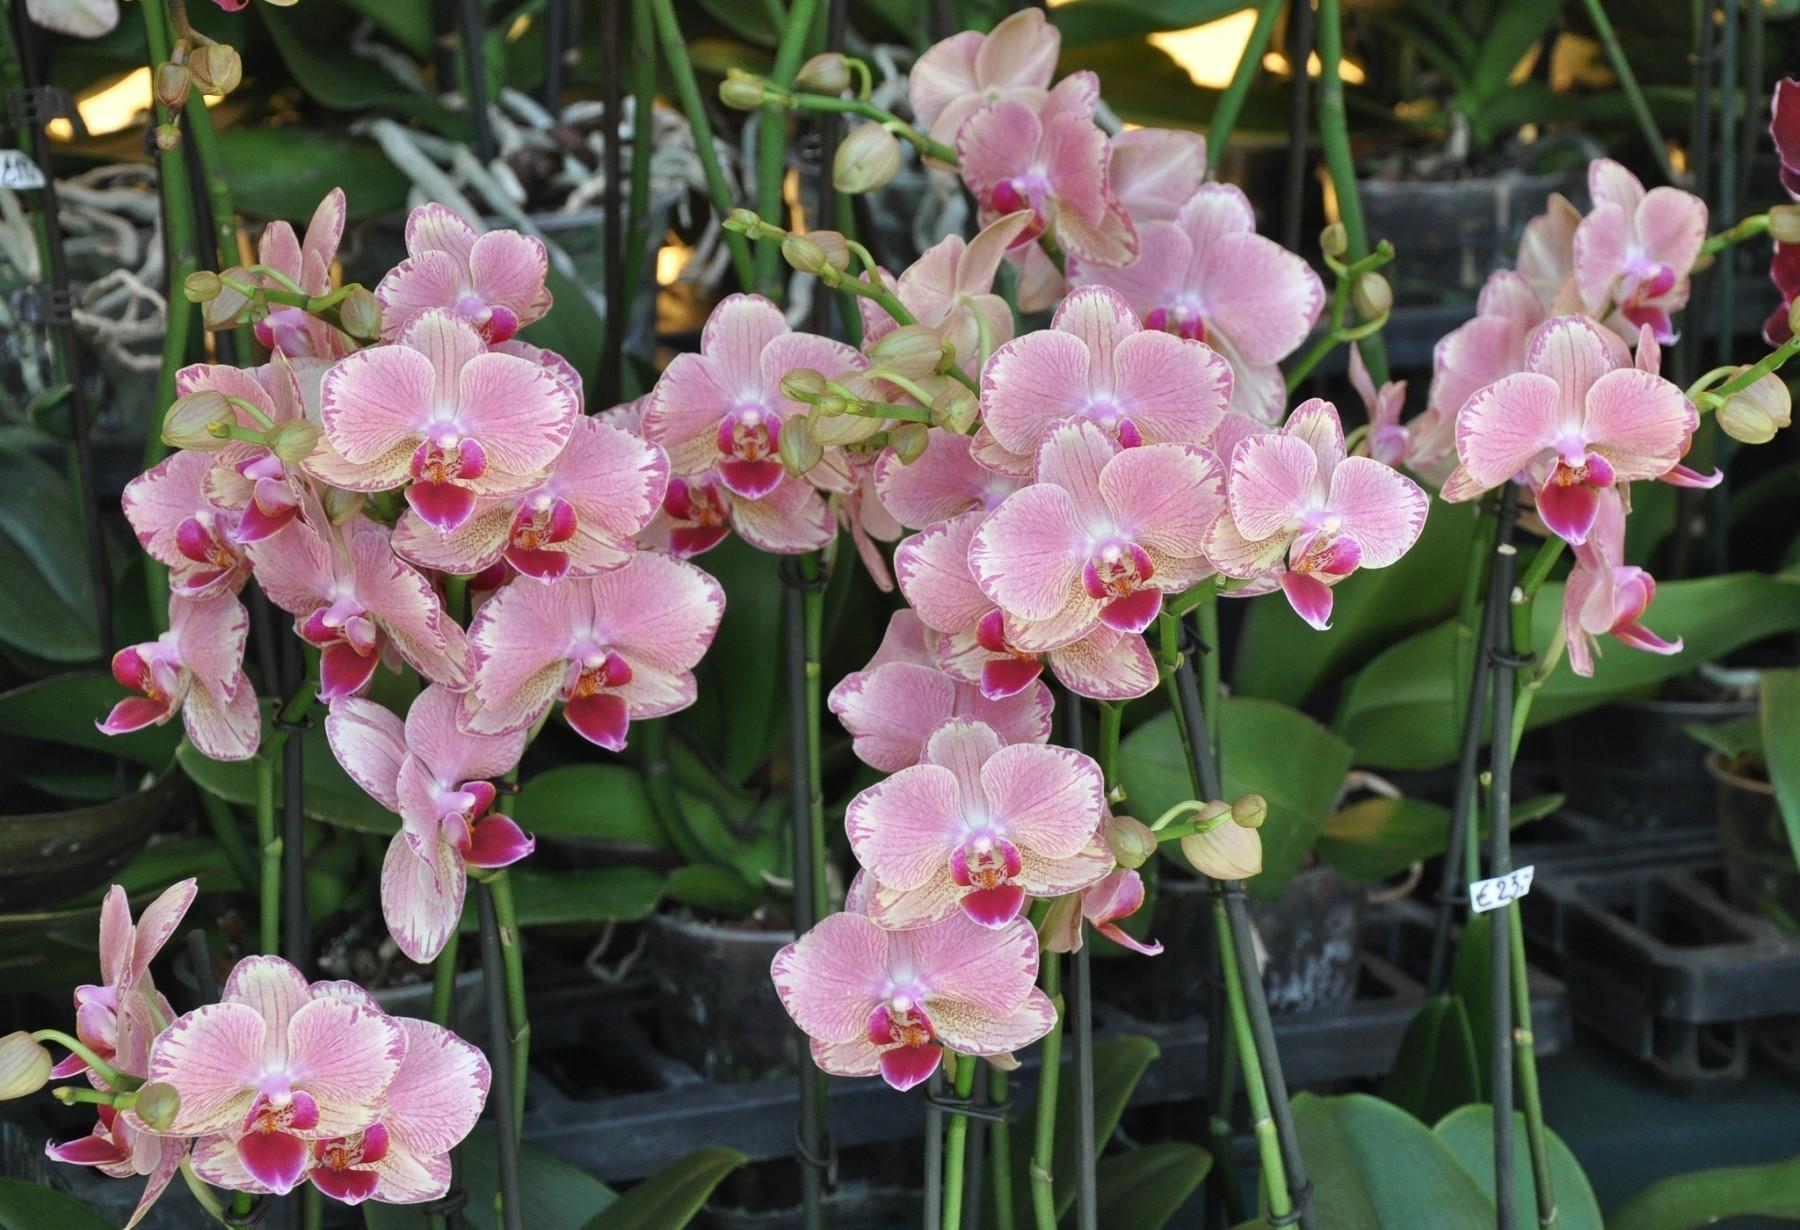 Скачать обои Орхидеи на телефон бесплатно